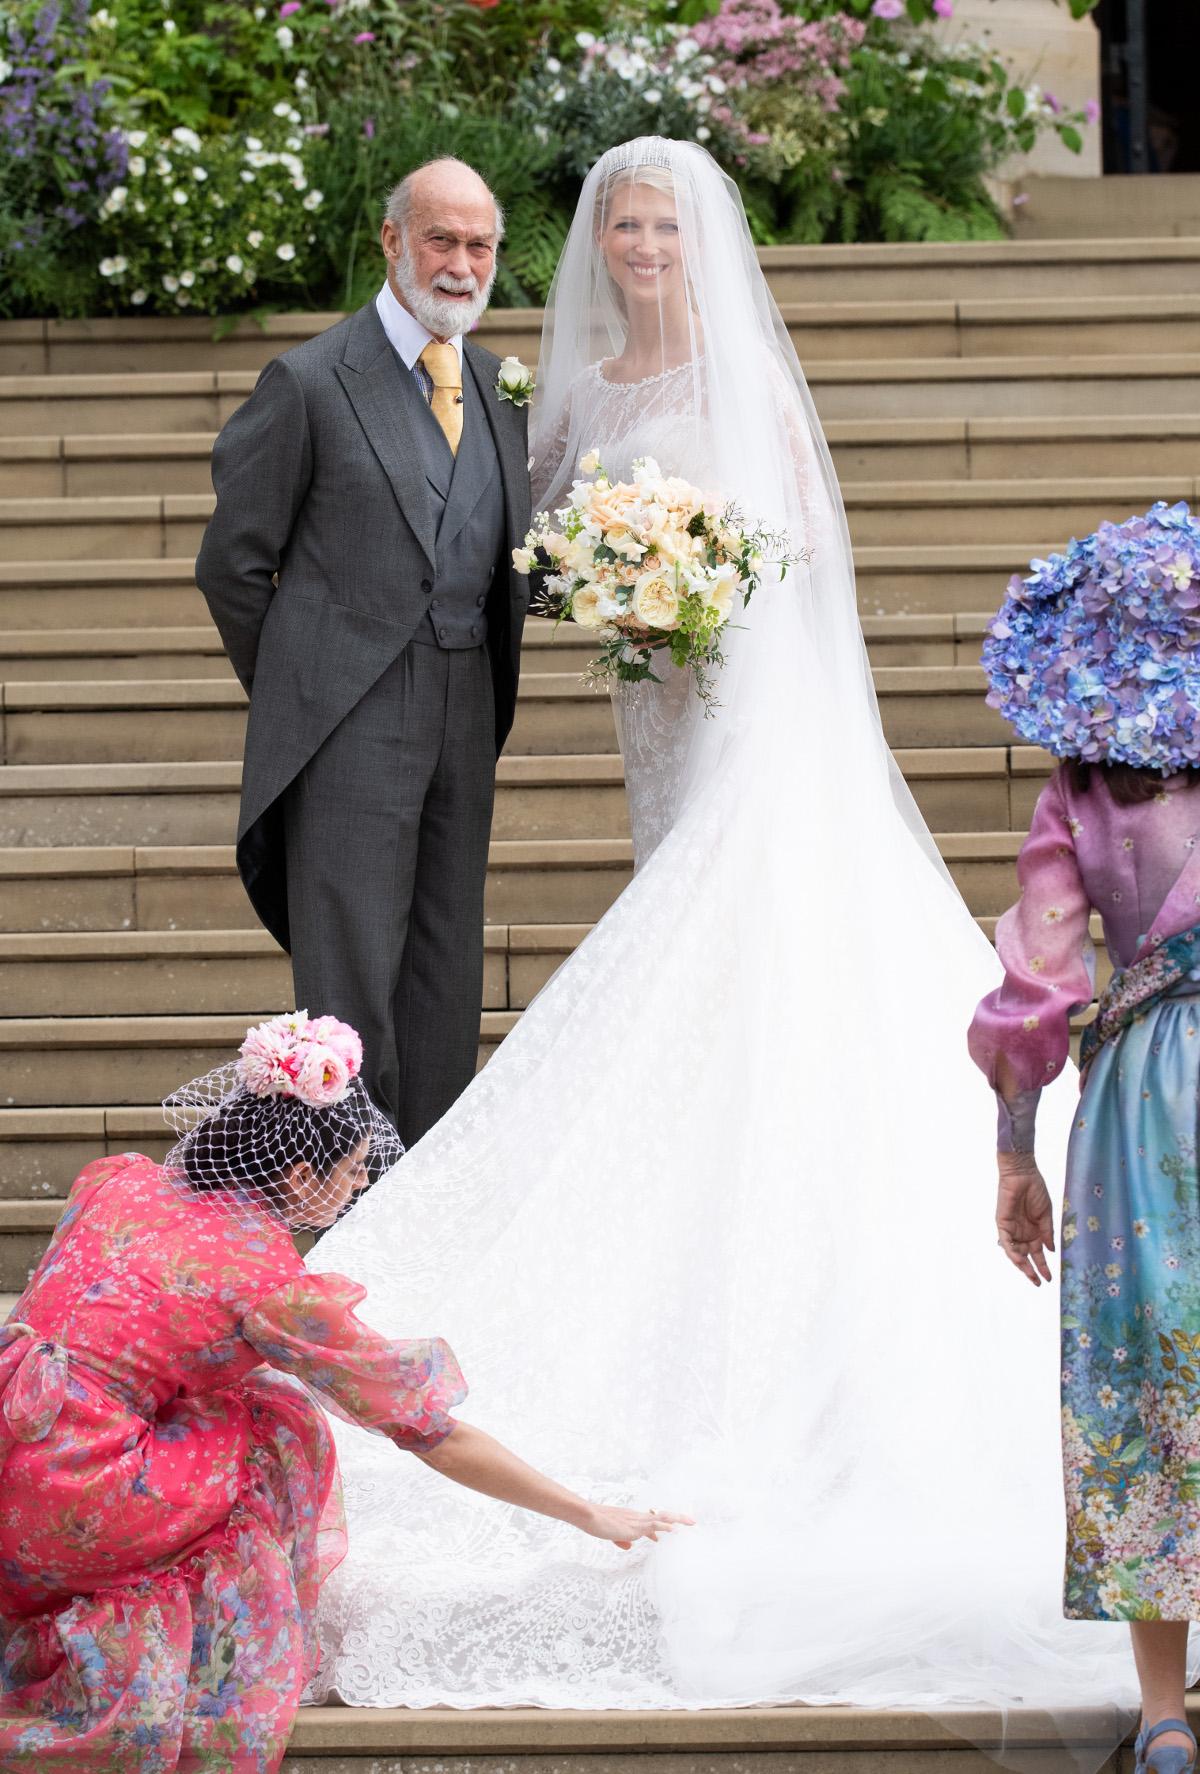 21021d54998 Βασιλικός γάμος: Η έκπληξη στο νυφικό και η αναφορά στις ελληνικές ...